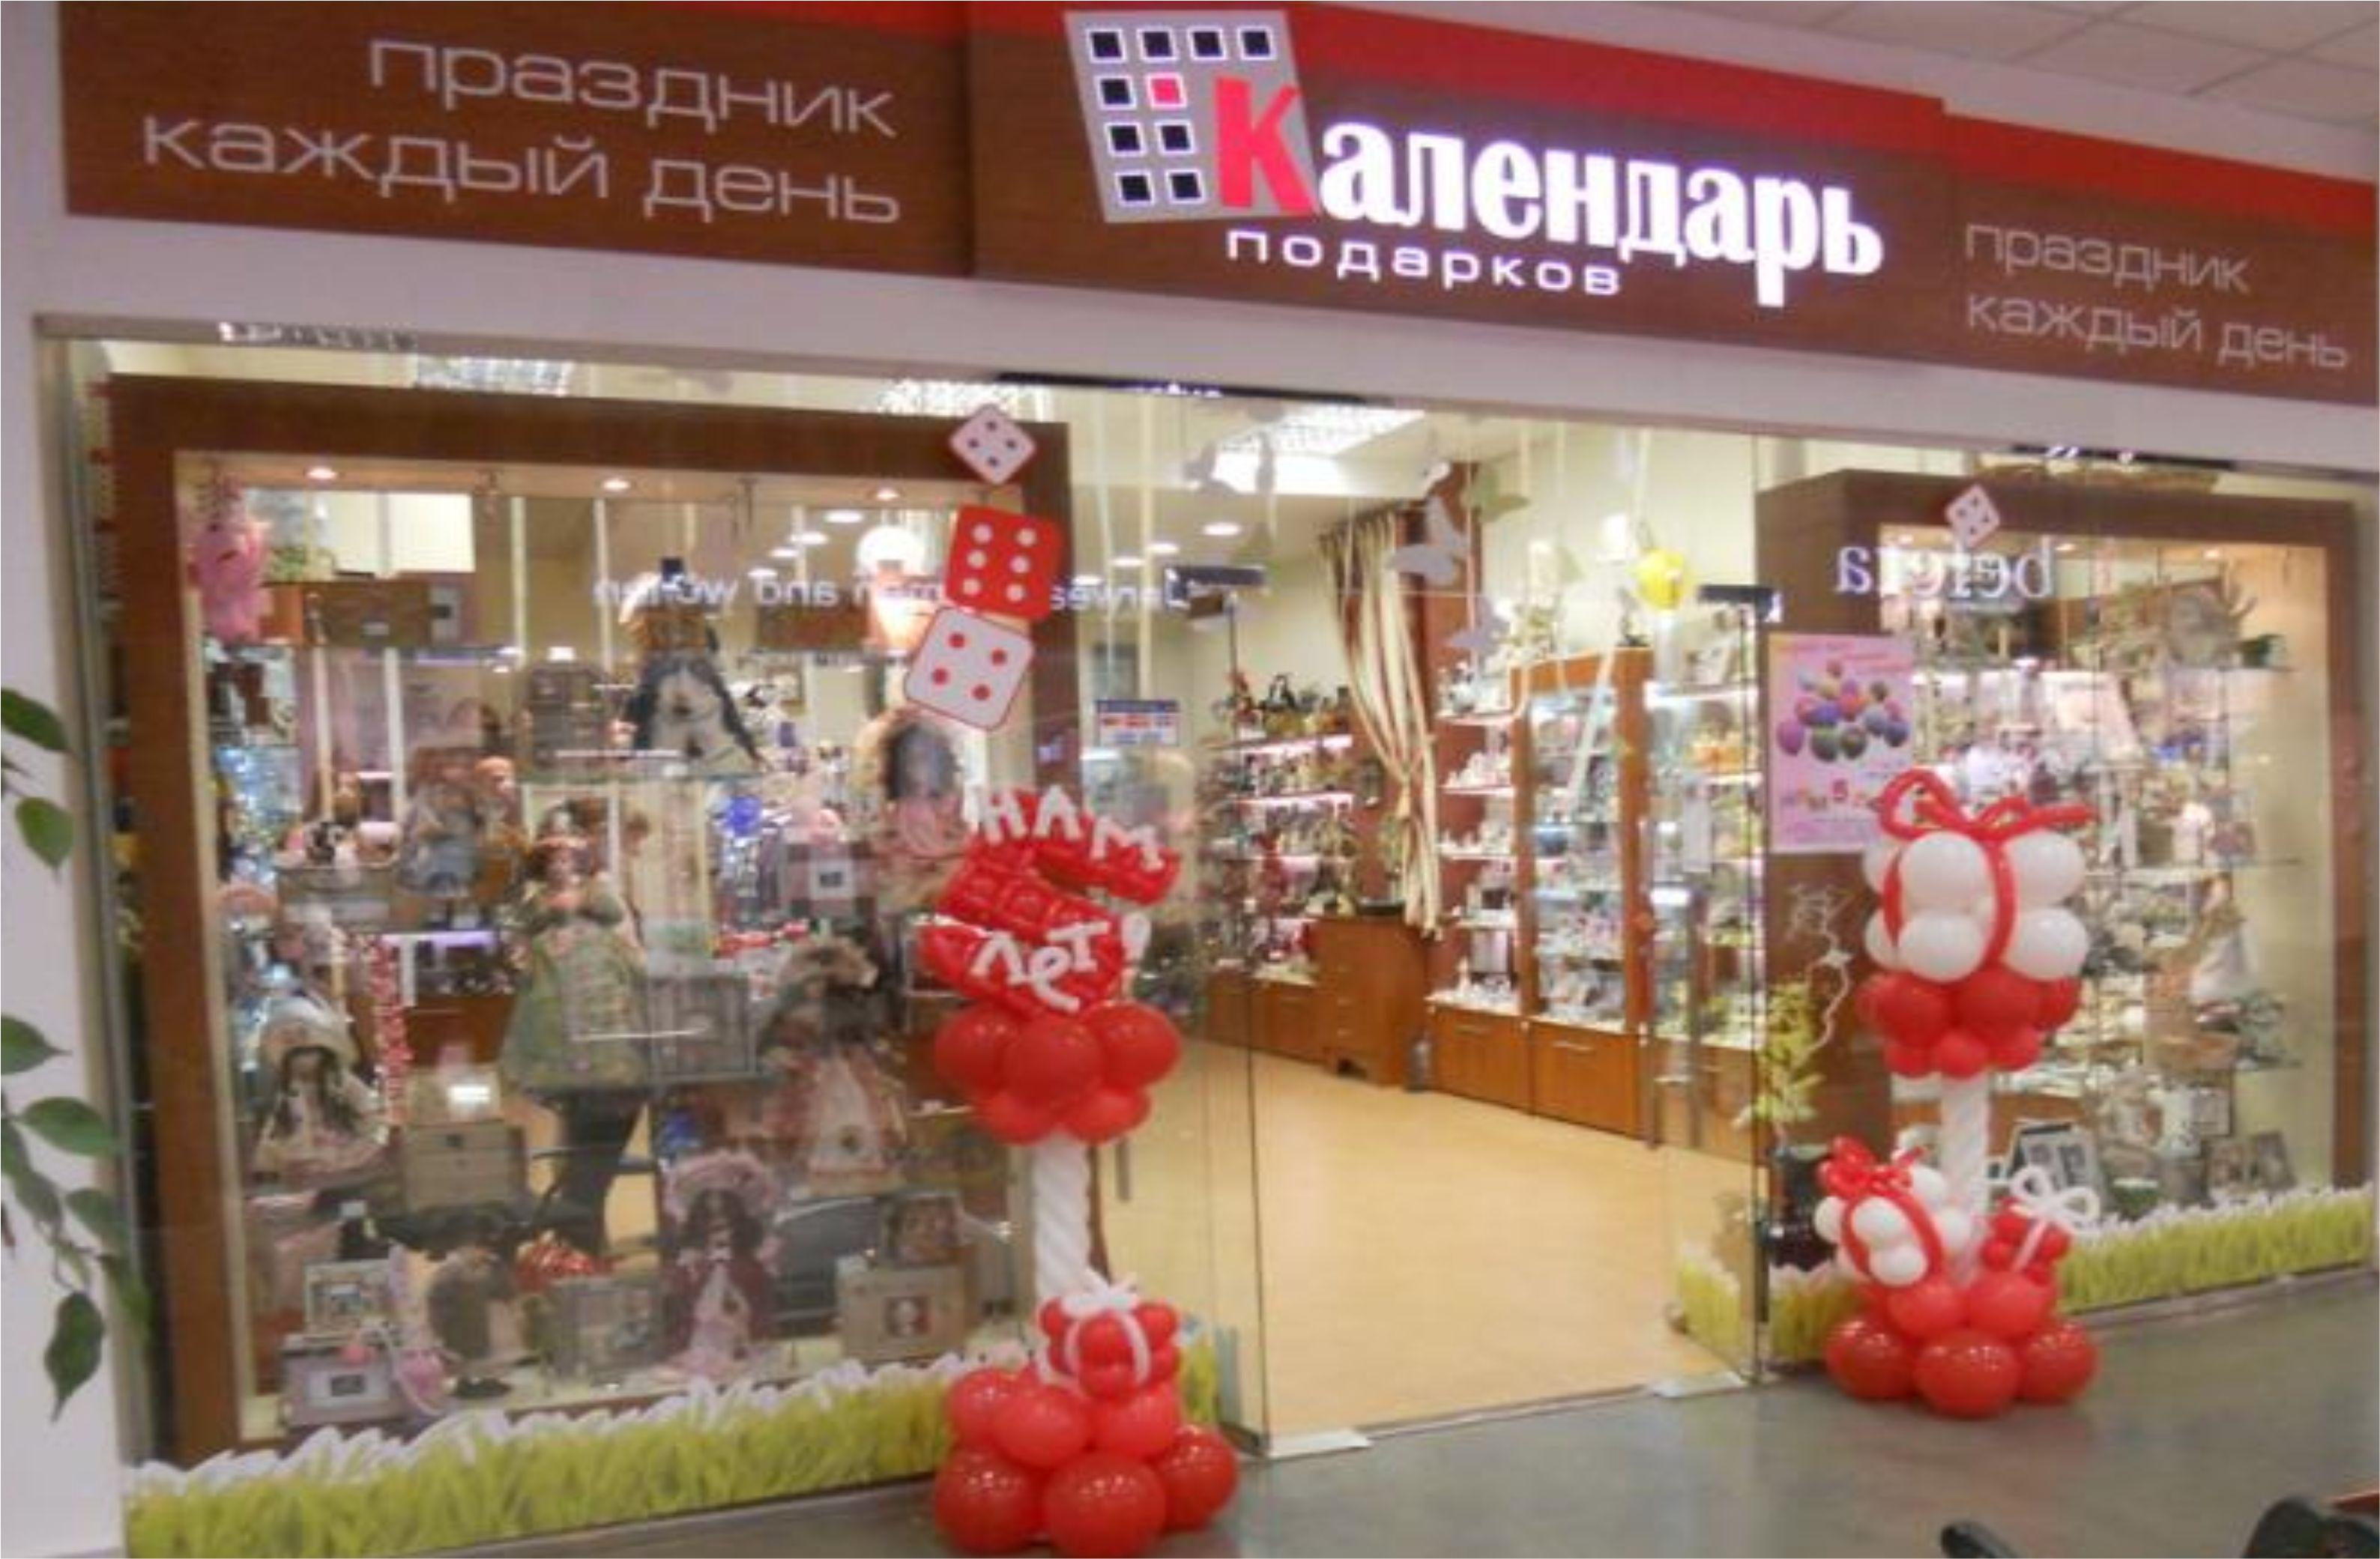 недорогие сувенирные магазины ижевска